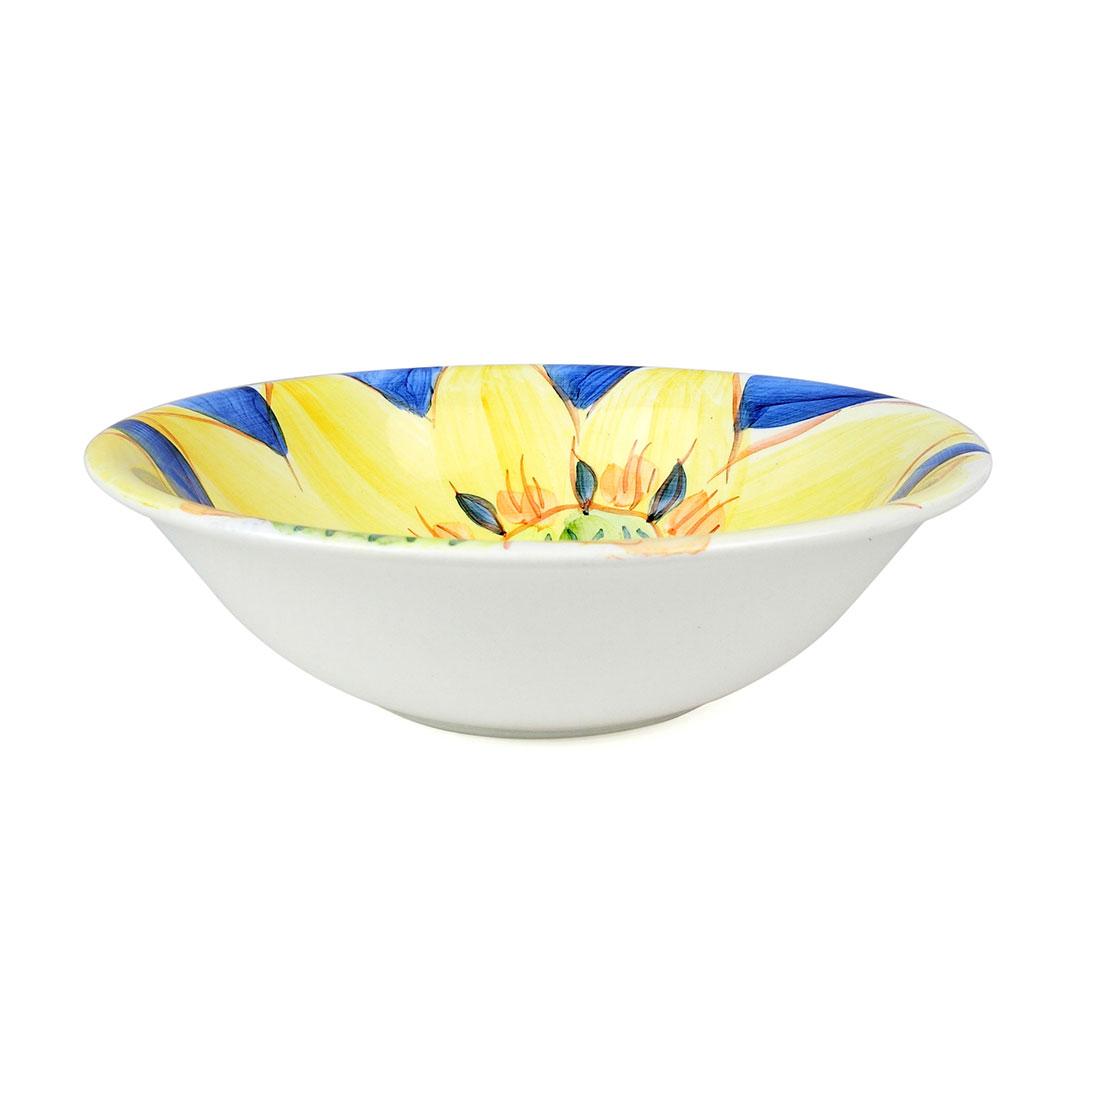 Tô Nhỏ Vẽ Tay Hoa Robesta Viviani - Ý - 17 x 5 cm - 442988